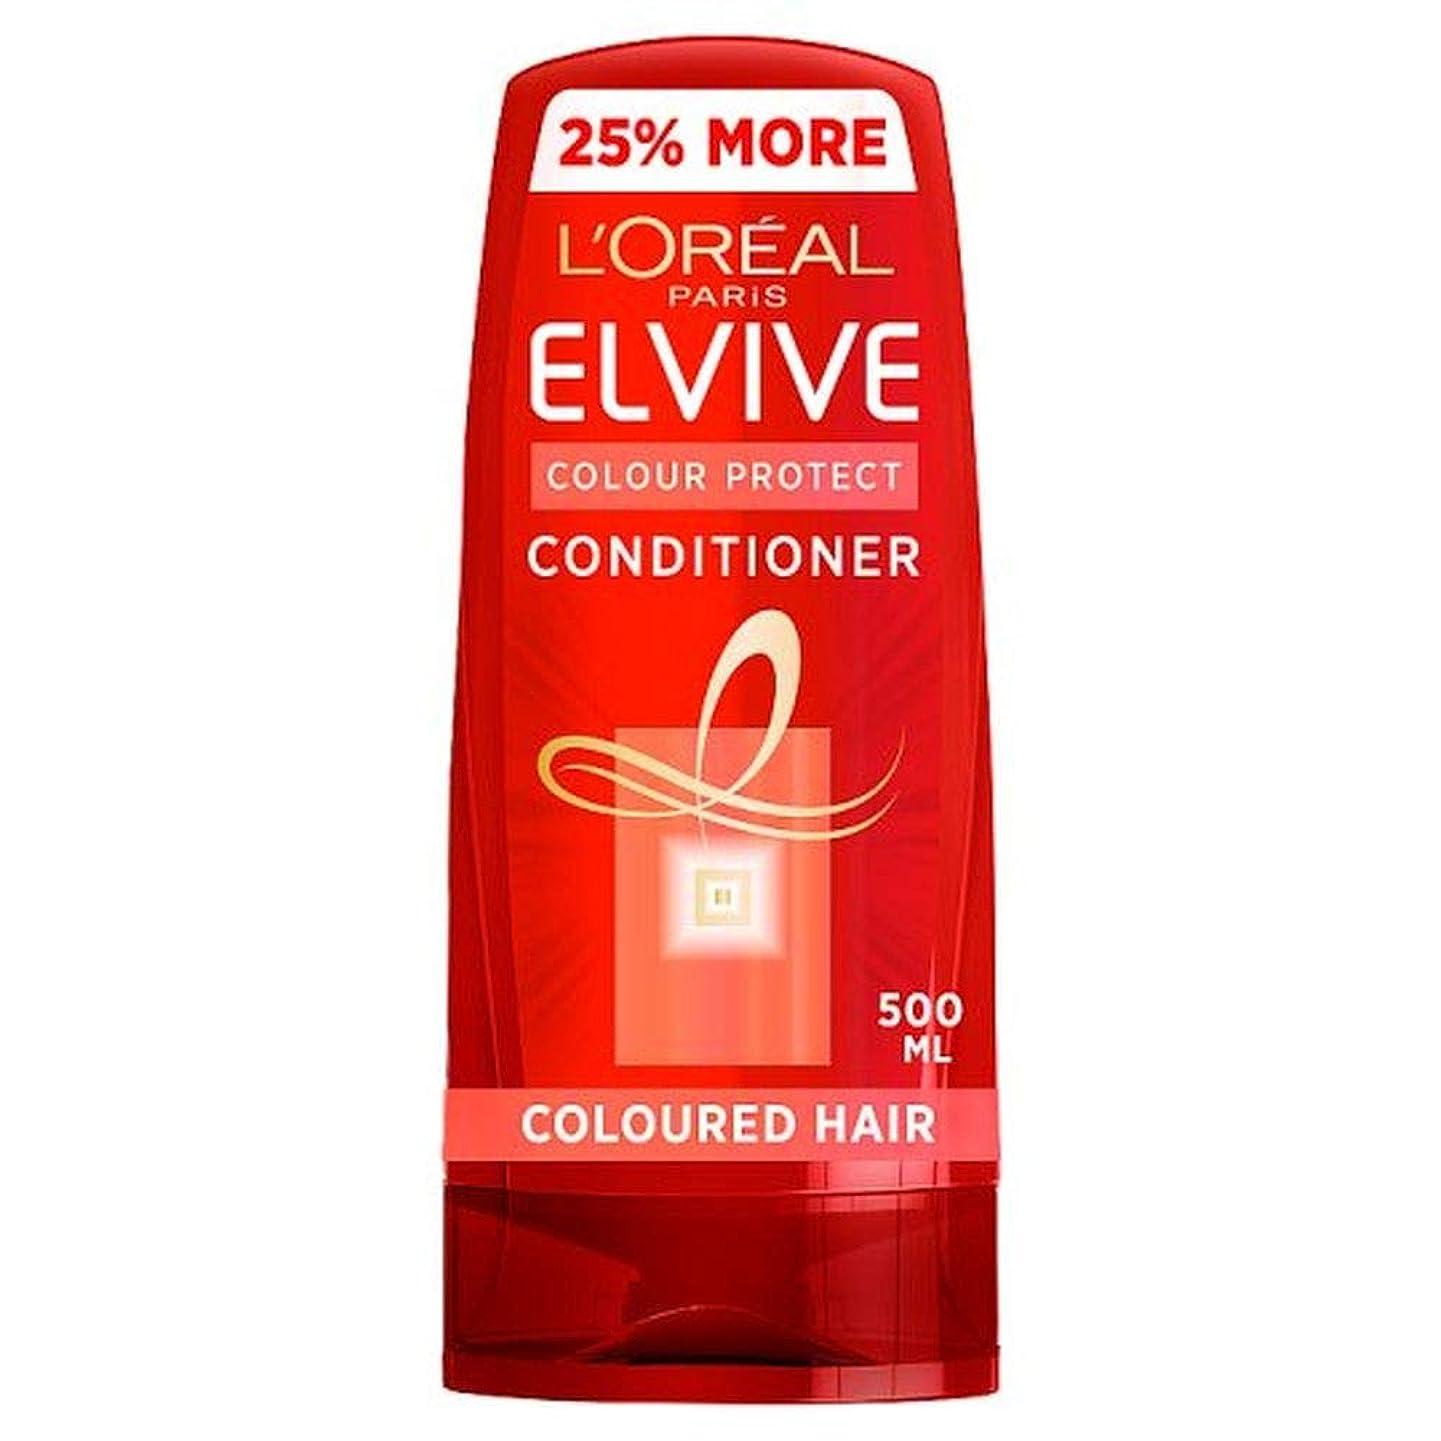 上回るカテゴリー名前を作る[Elvive] ロレアルのElviveの色は、着色ヘアコンディショナー500ミリリットルを保護します - L'oreal Elvive Colour Protect Coloured Hair Conditioner 500Ml [並行輸入品]